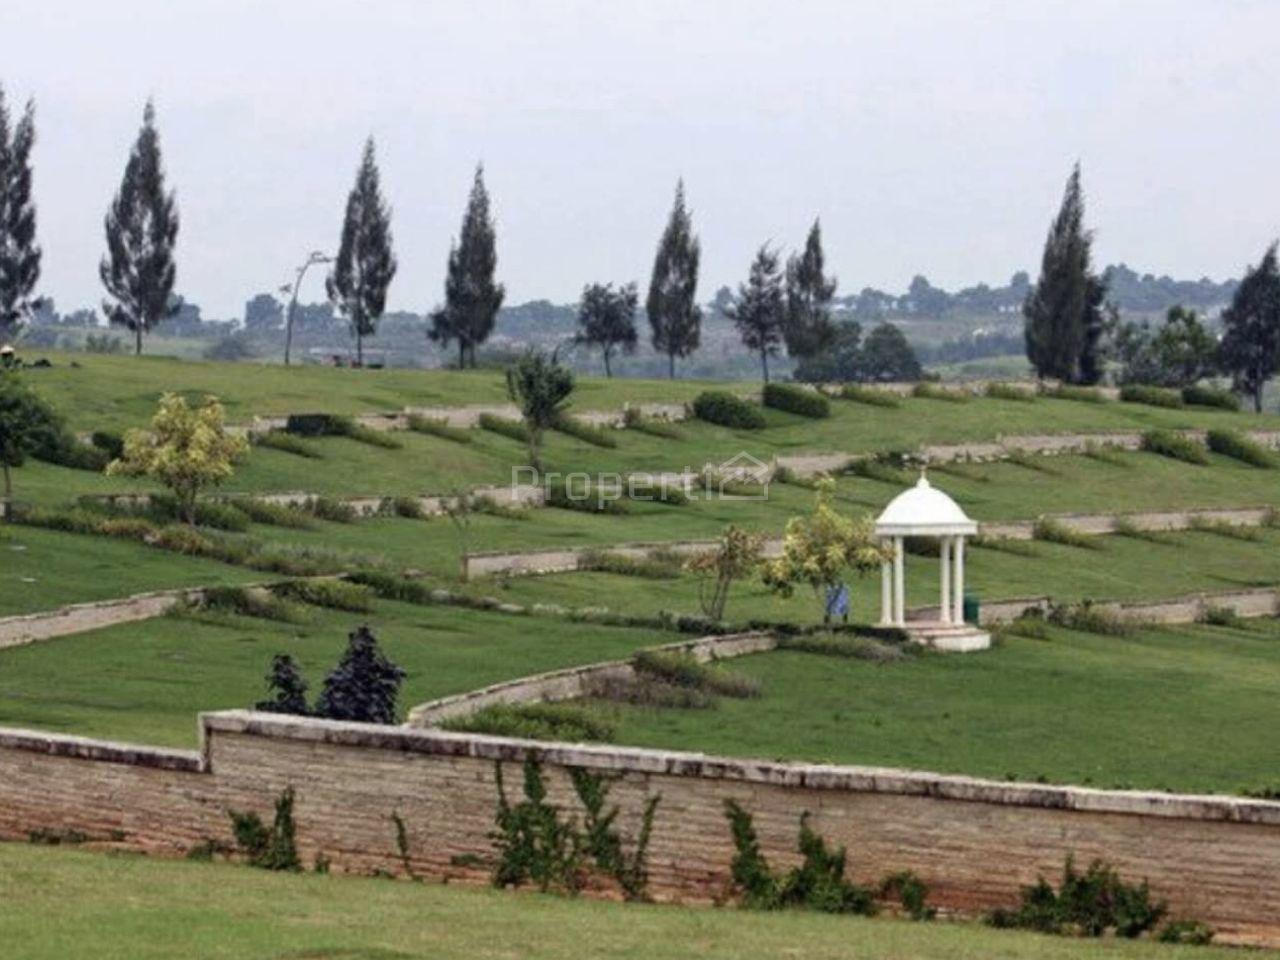 Kavling Makam di San Diego Hills Memorial Park, Jawa Barat